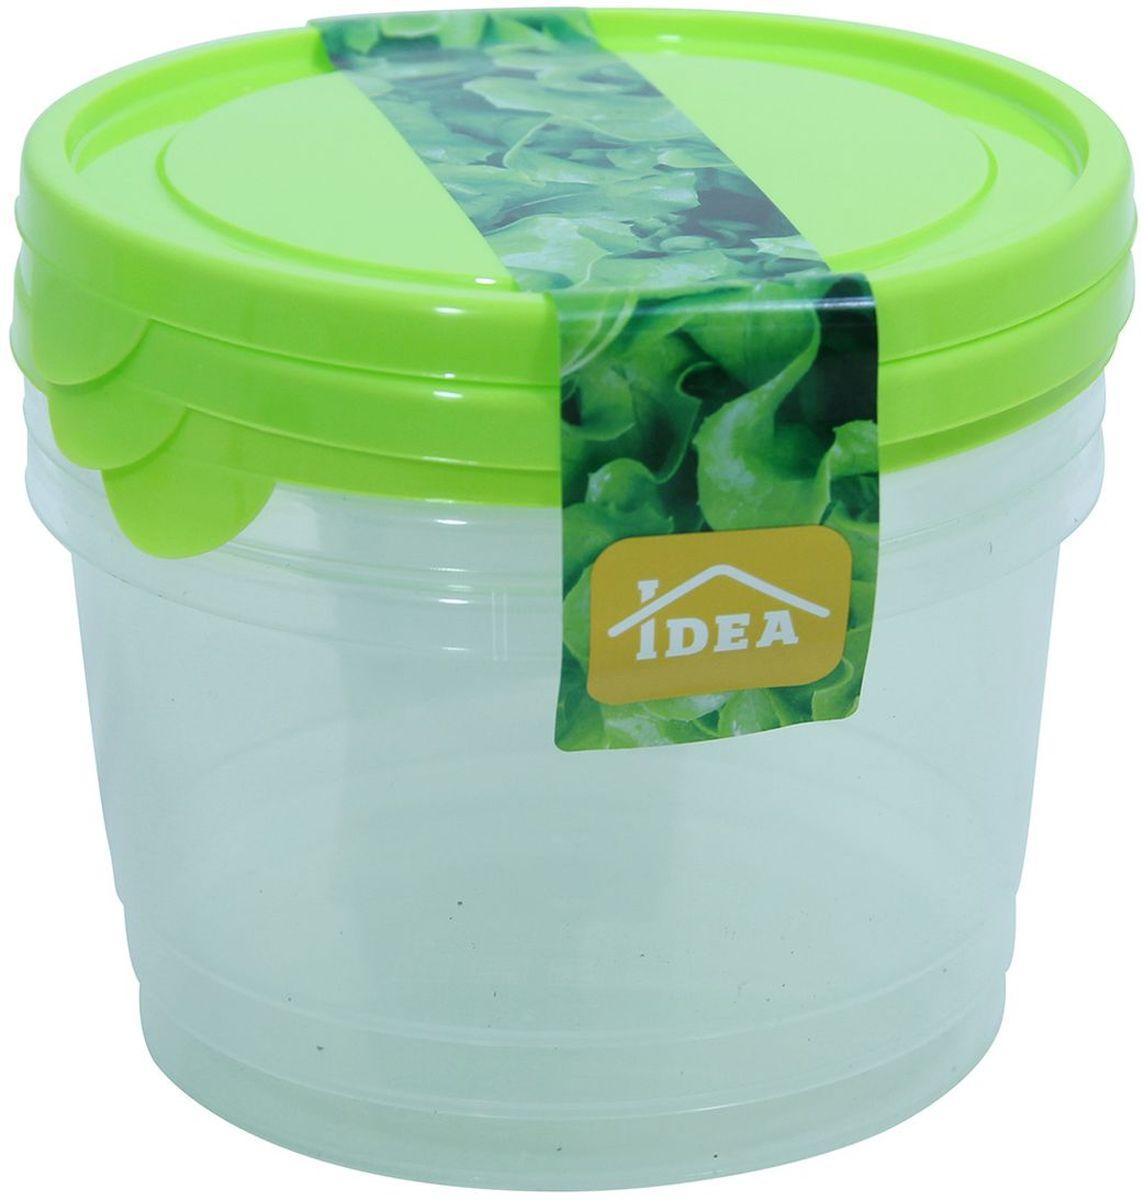 Набор контейнеров Idea, 750 мл, 3 штМ 1441Набор Idea состоит из 3 контейнеров, выполненных из высококачественного пластика. Изделия идеально подходят для хранения различных продуктов. Набор контейнеров Idea можно мыть в посудомоечной машине. Можно использовать в микроволной печи и холодильнике.